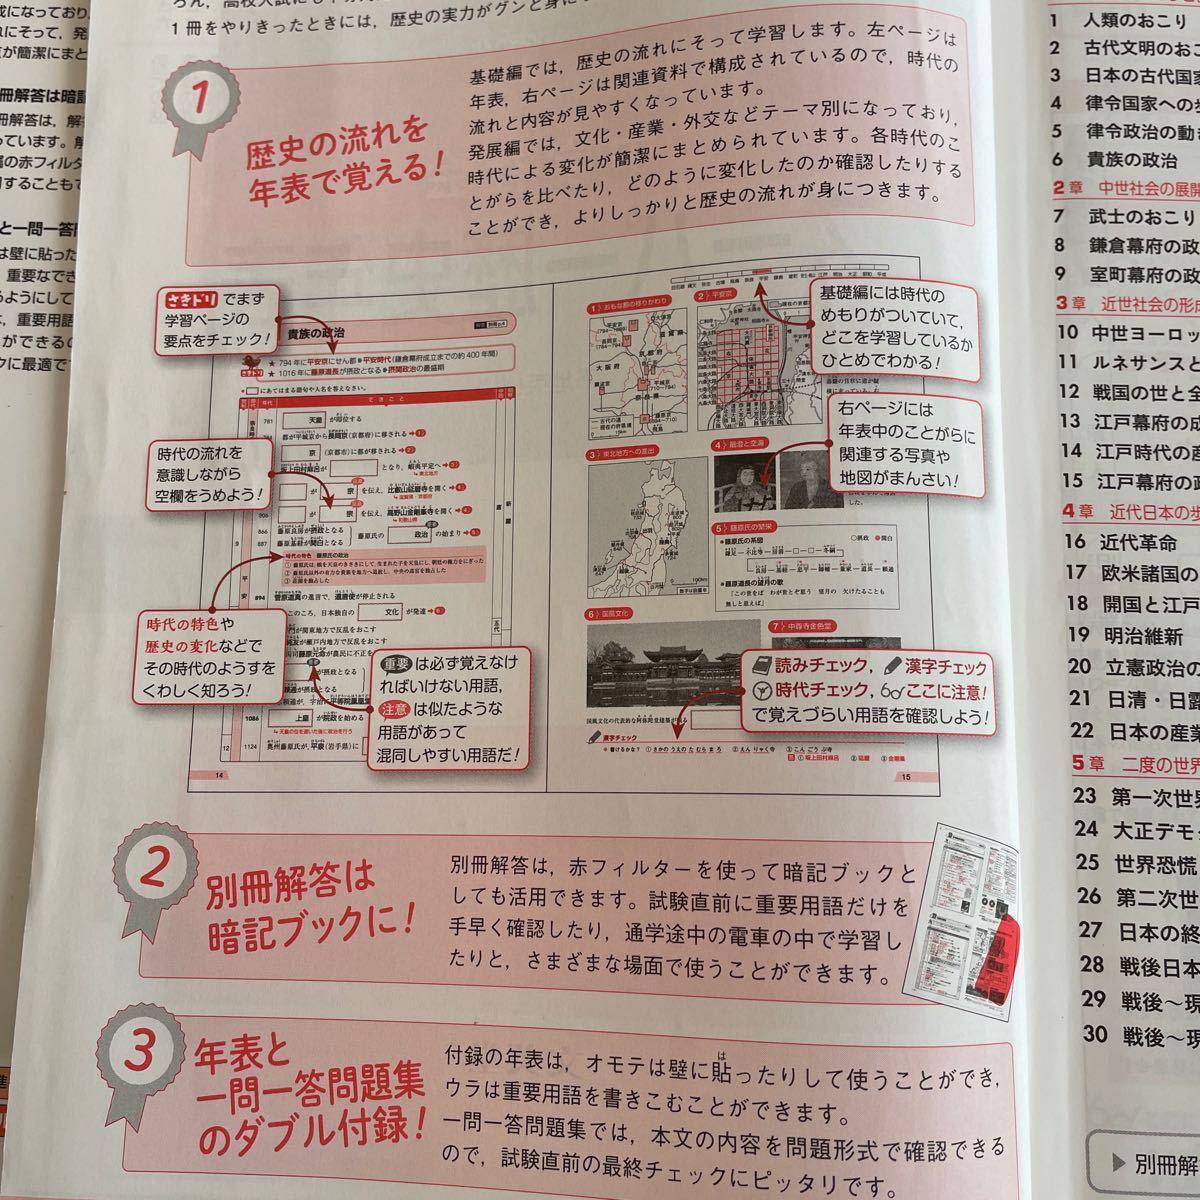 中学社会 スーパー歴史年表 / 文英堂 高校受験 模試対策 北辰テスト